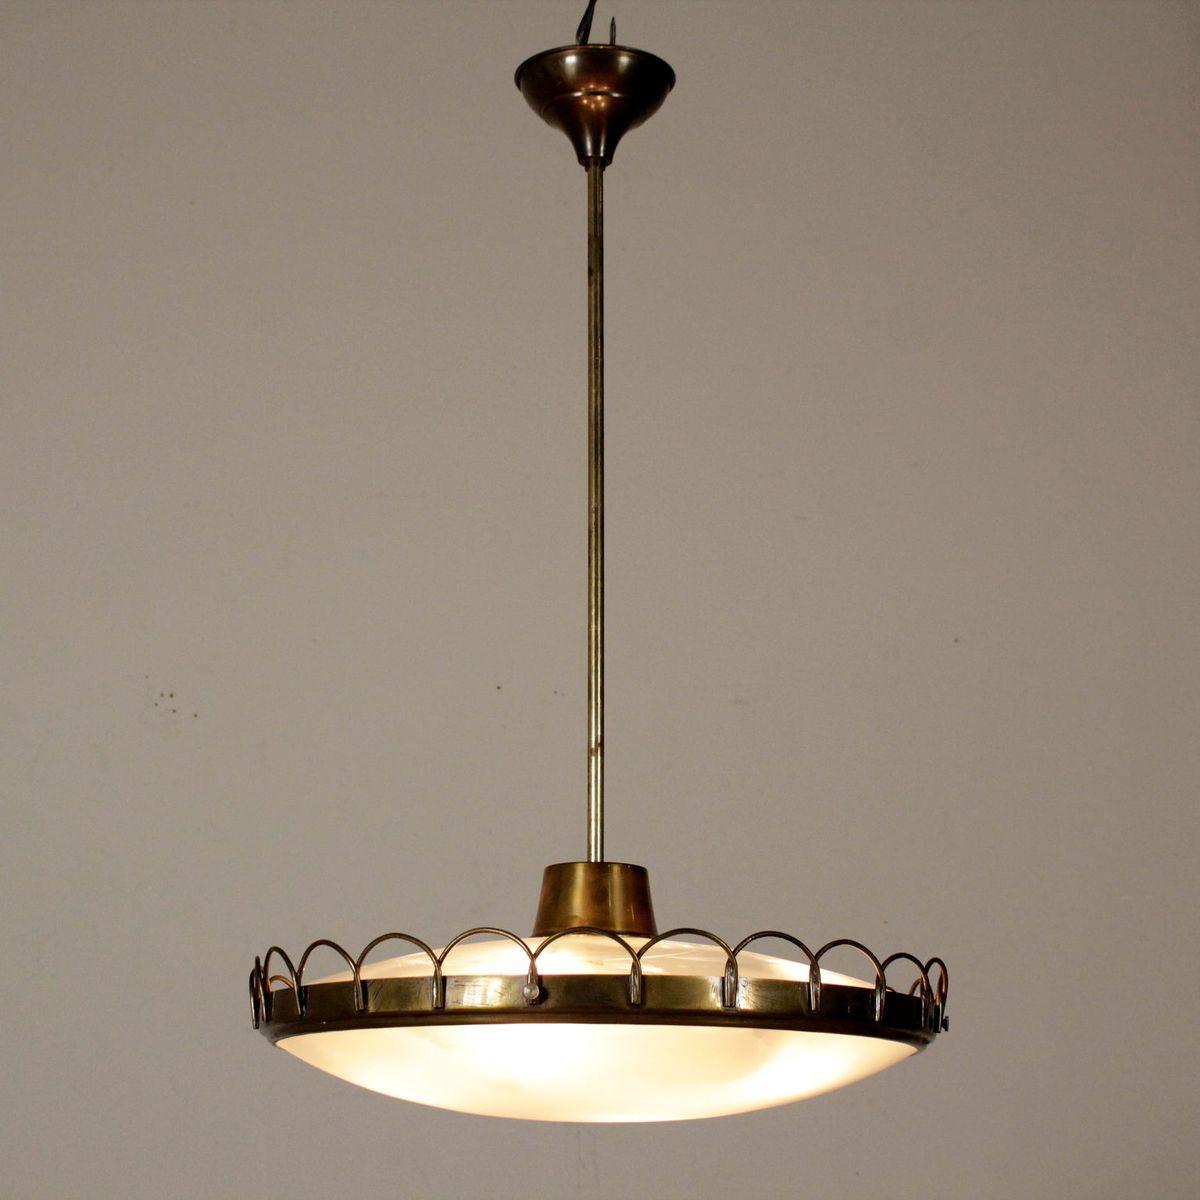 messing glas h ngelampe 1950er bei pamono kaufen. Black Bedroom Furniture Sets. Home Design Ideas